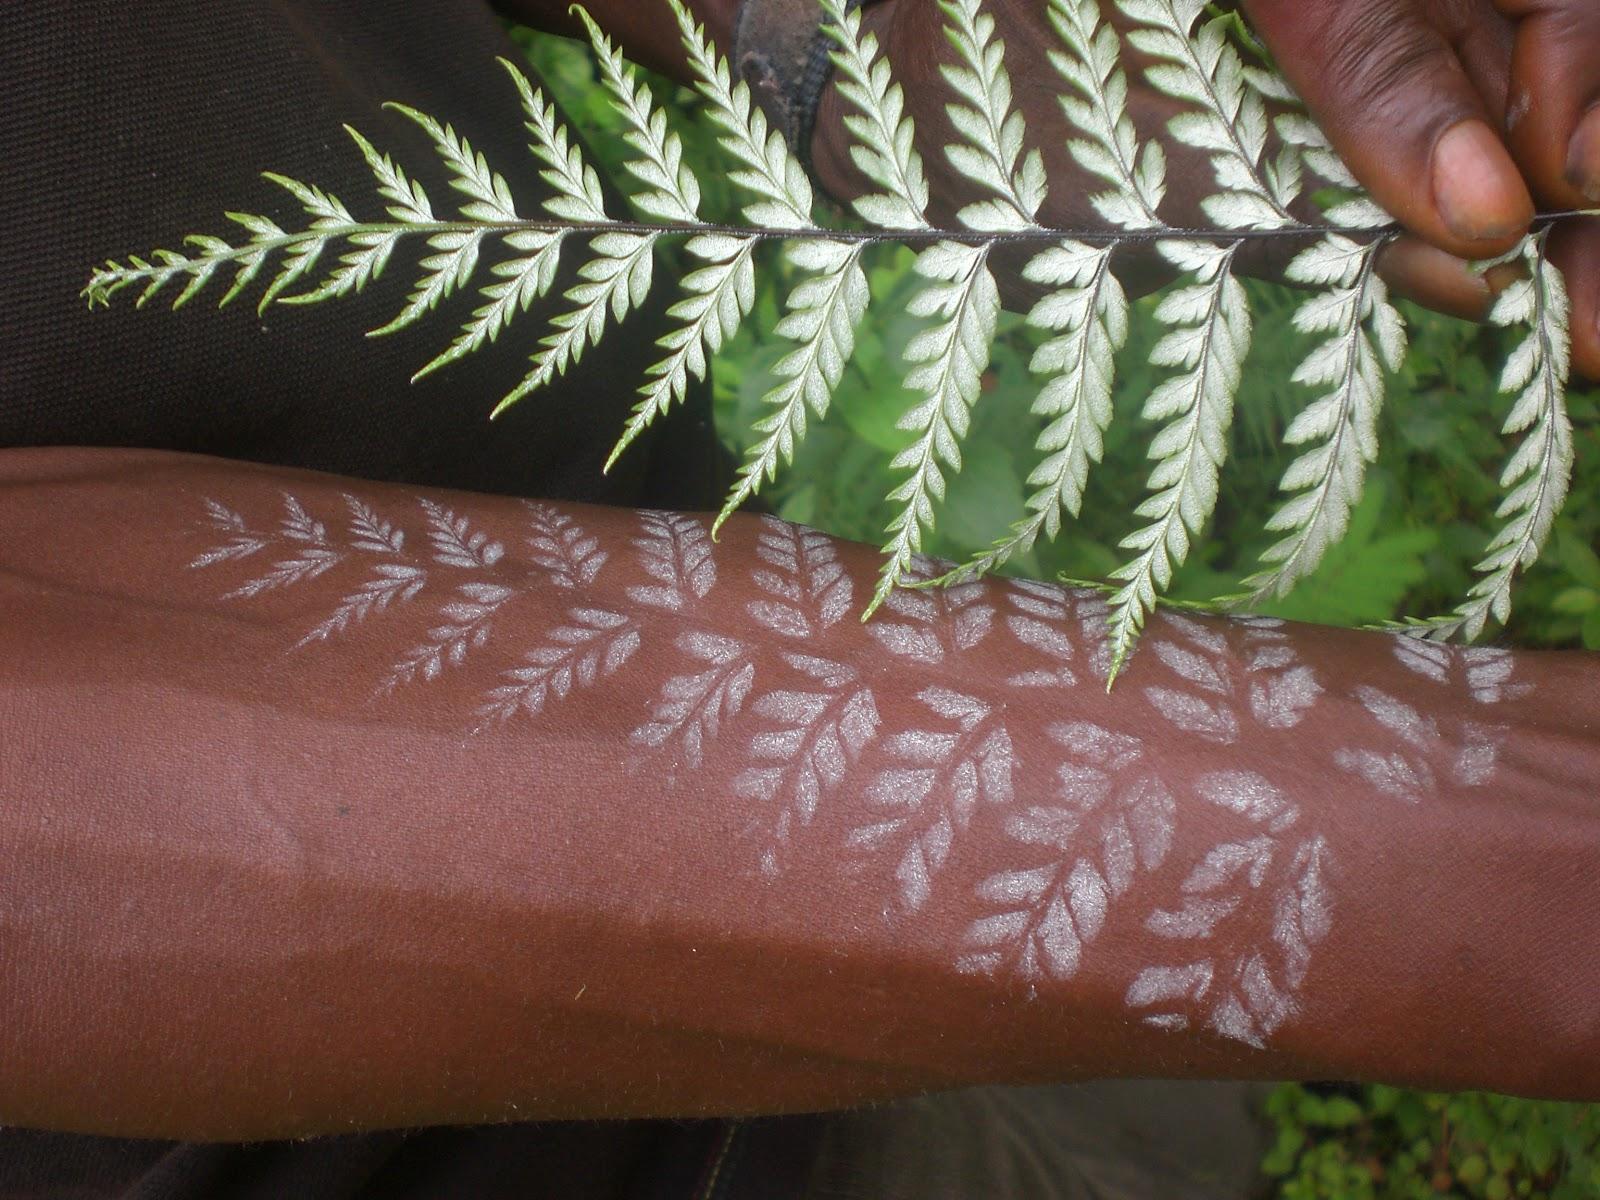 tatouage haut du bras homme - Tatouage Homme Facebook